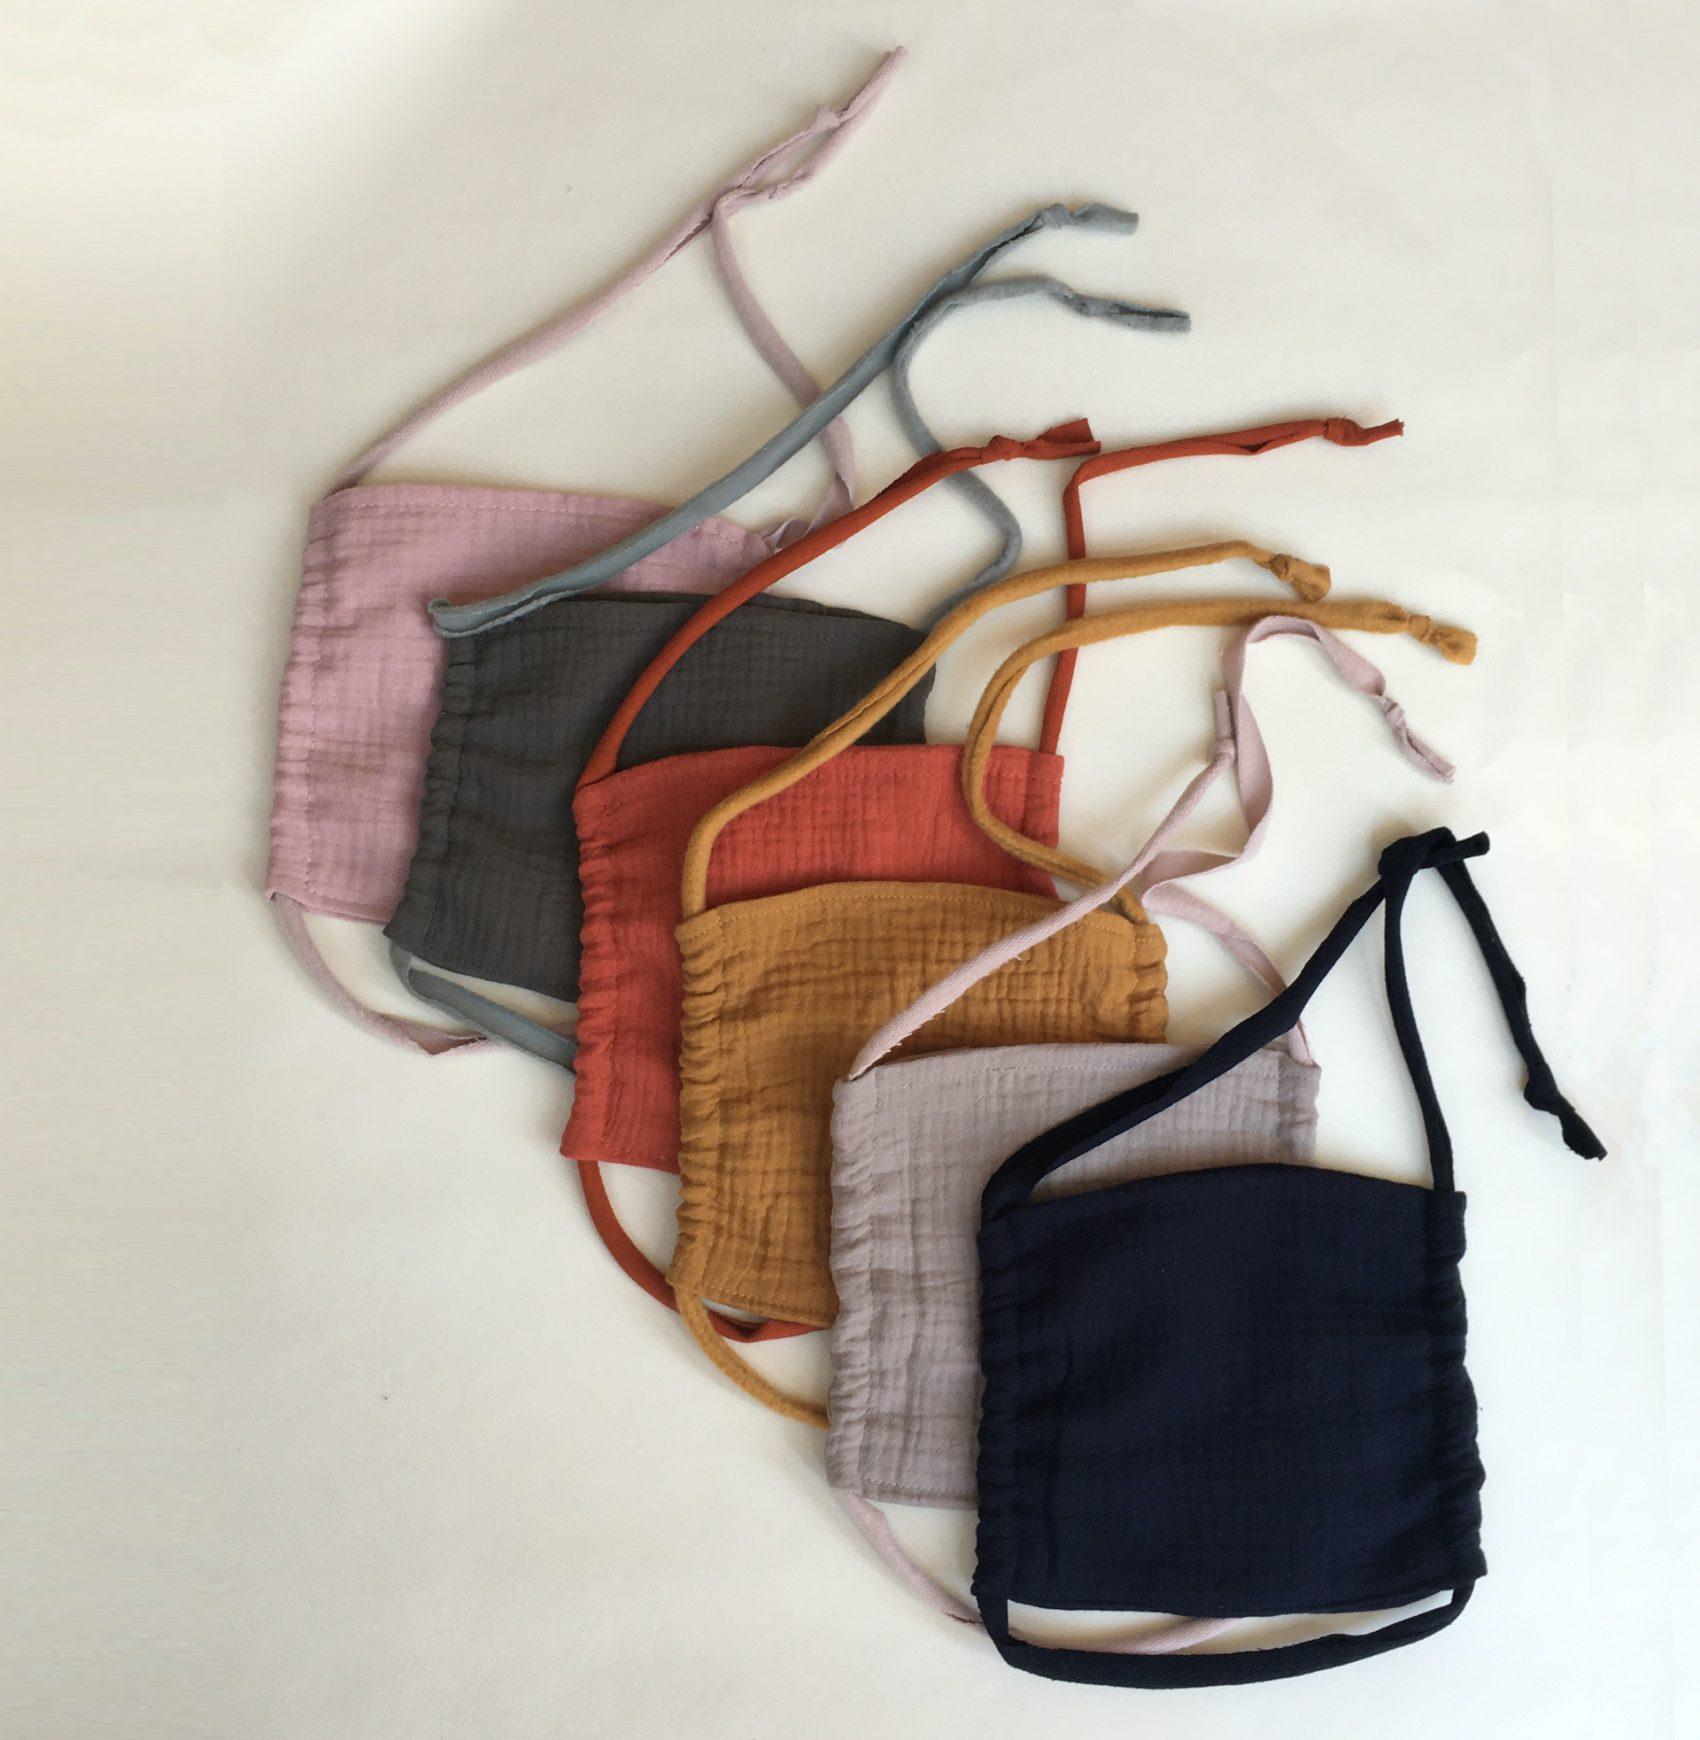 Schutzmasken, corona, Behelfsmaske, Mundbedeckung, handgemachte Schutzmasken, Schutzmasken aus Mainz, Behelfsmasken aus Mainz, Handmade Mundschutz